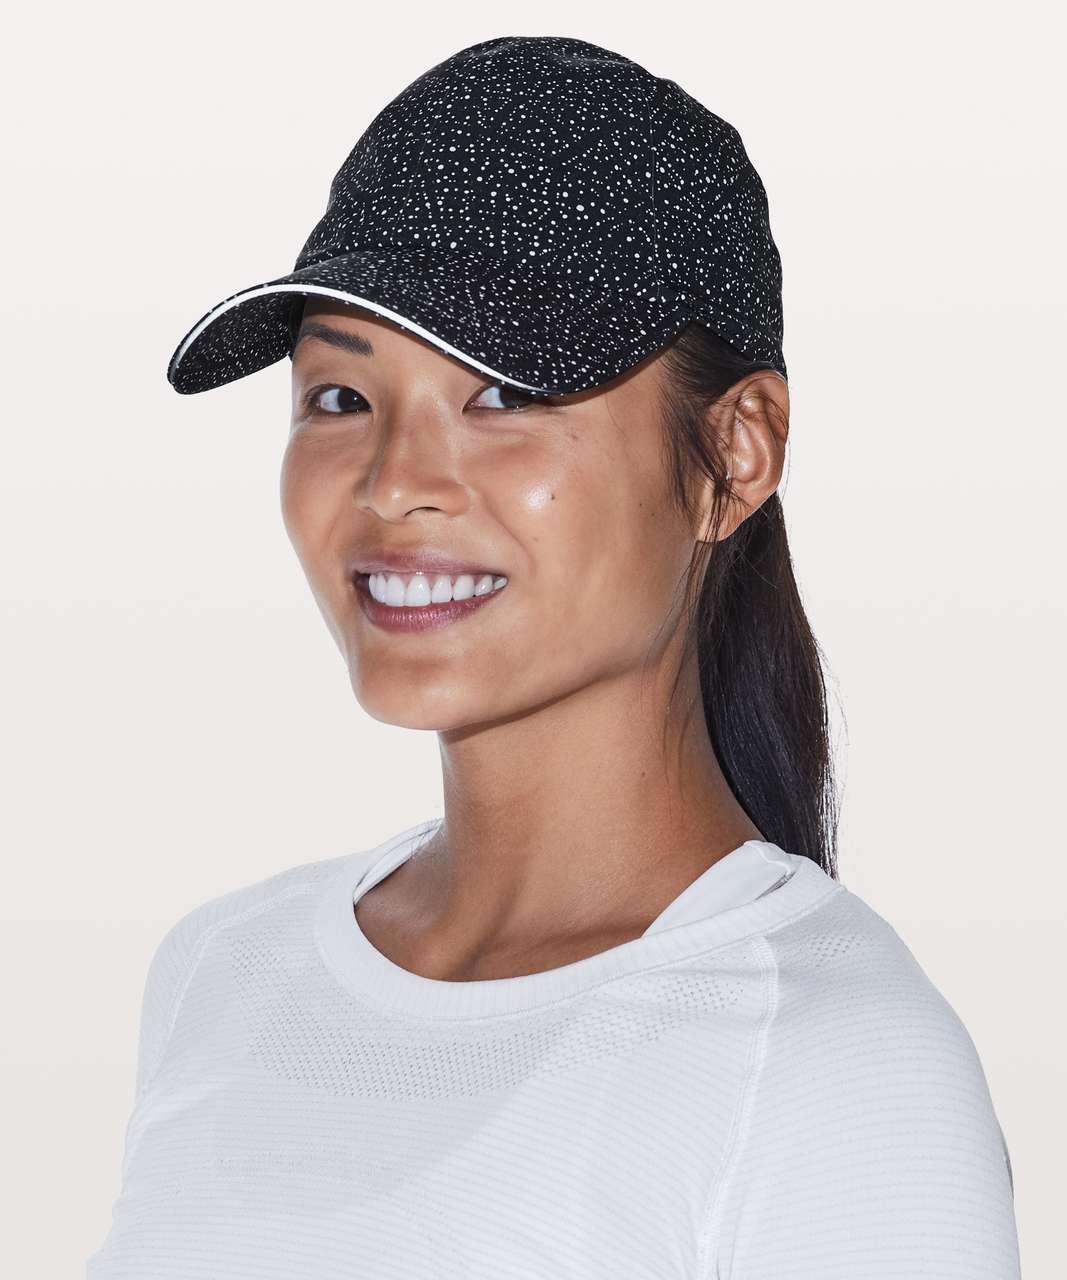 Lululemon Baller Hat Run - Night View White Black / Black